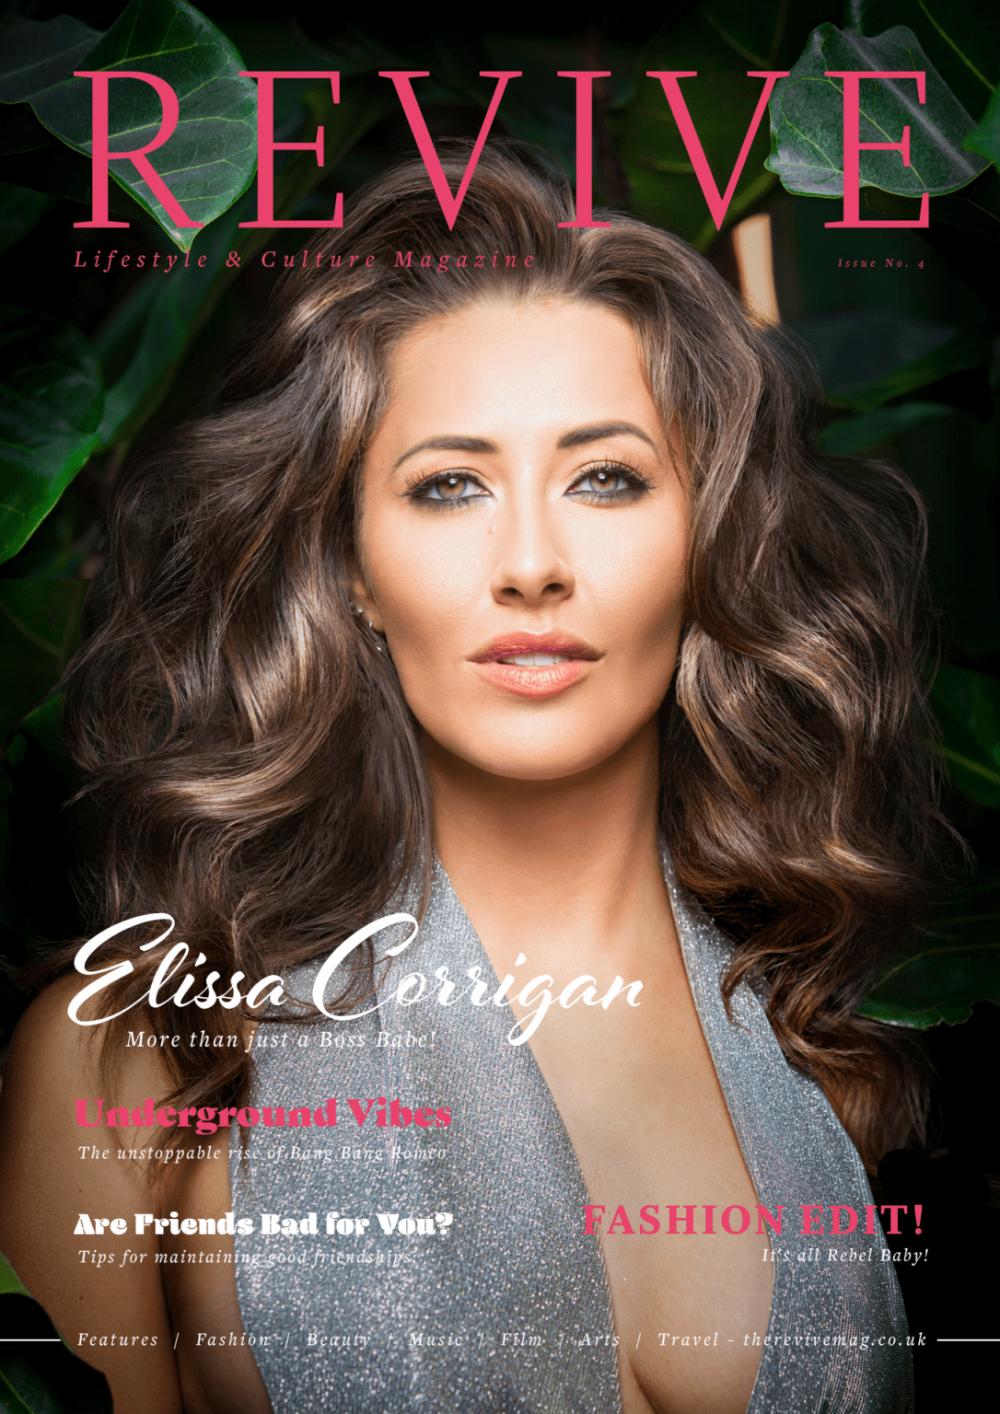 Revive Magazine, Featuring Bear Grylls Survivor, Elissa